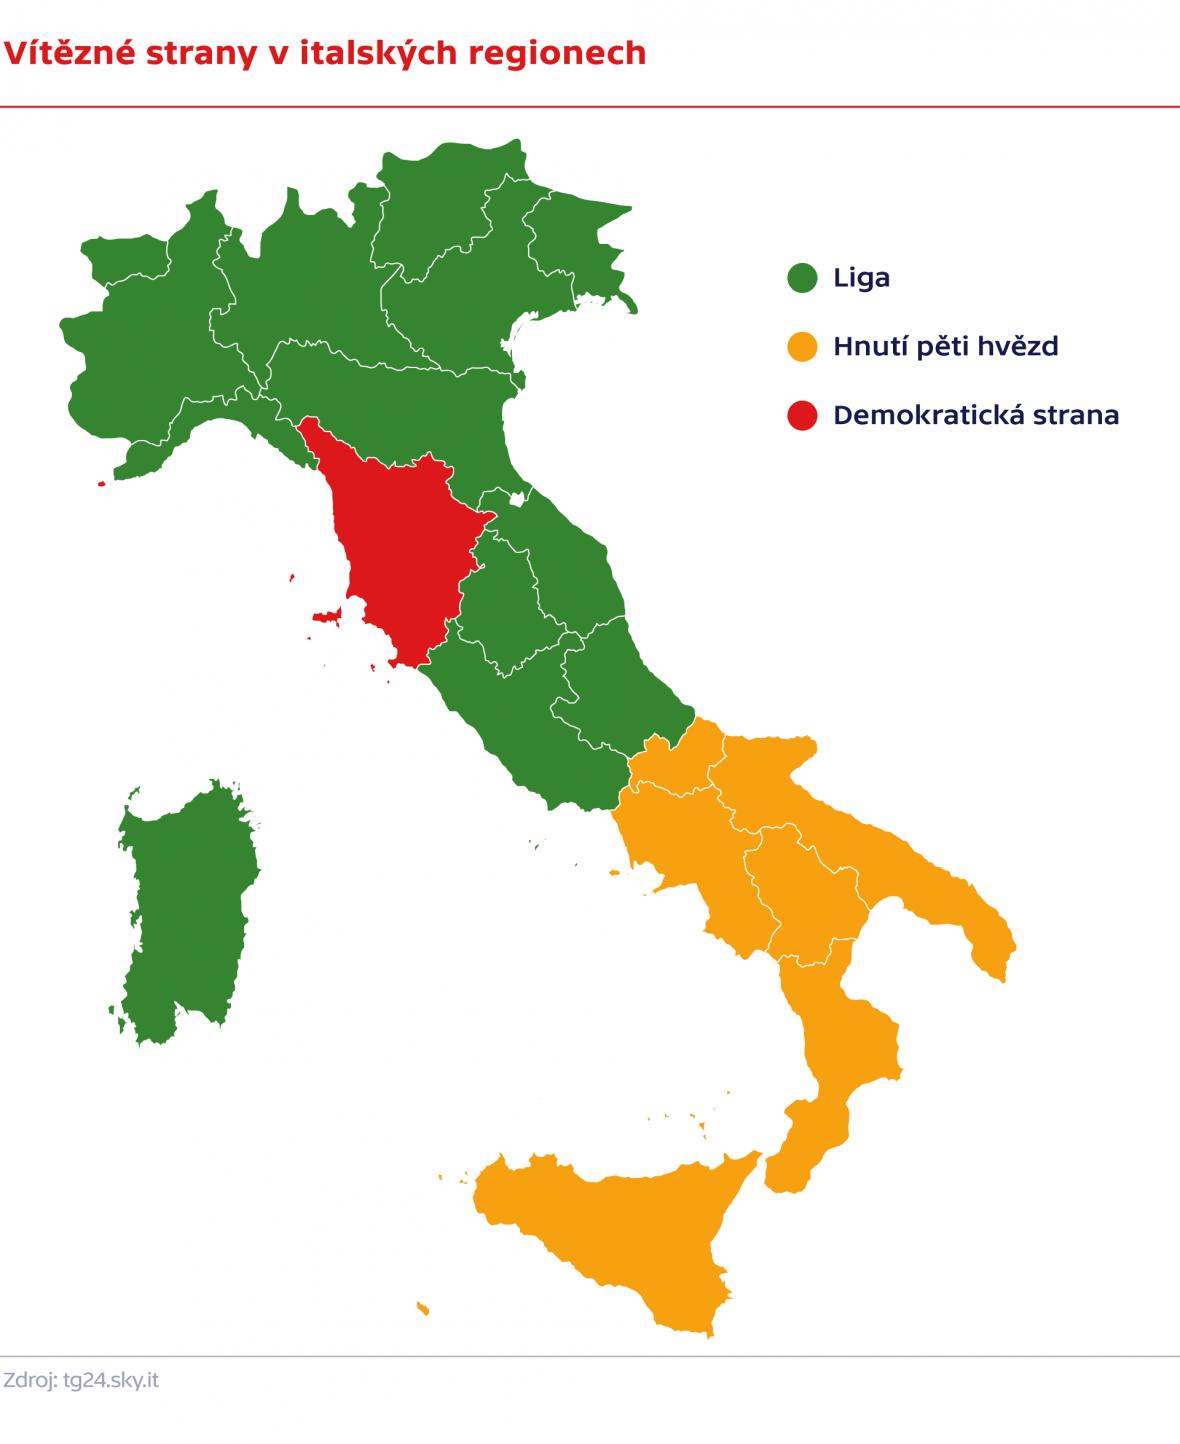 Vítězné strany v italských regionech